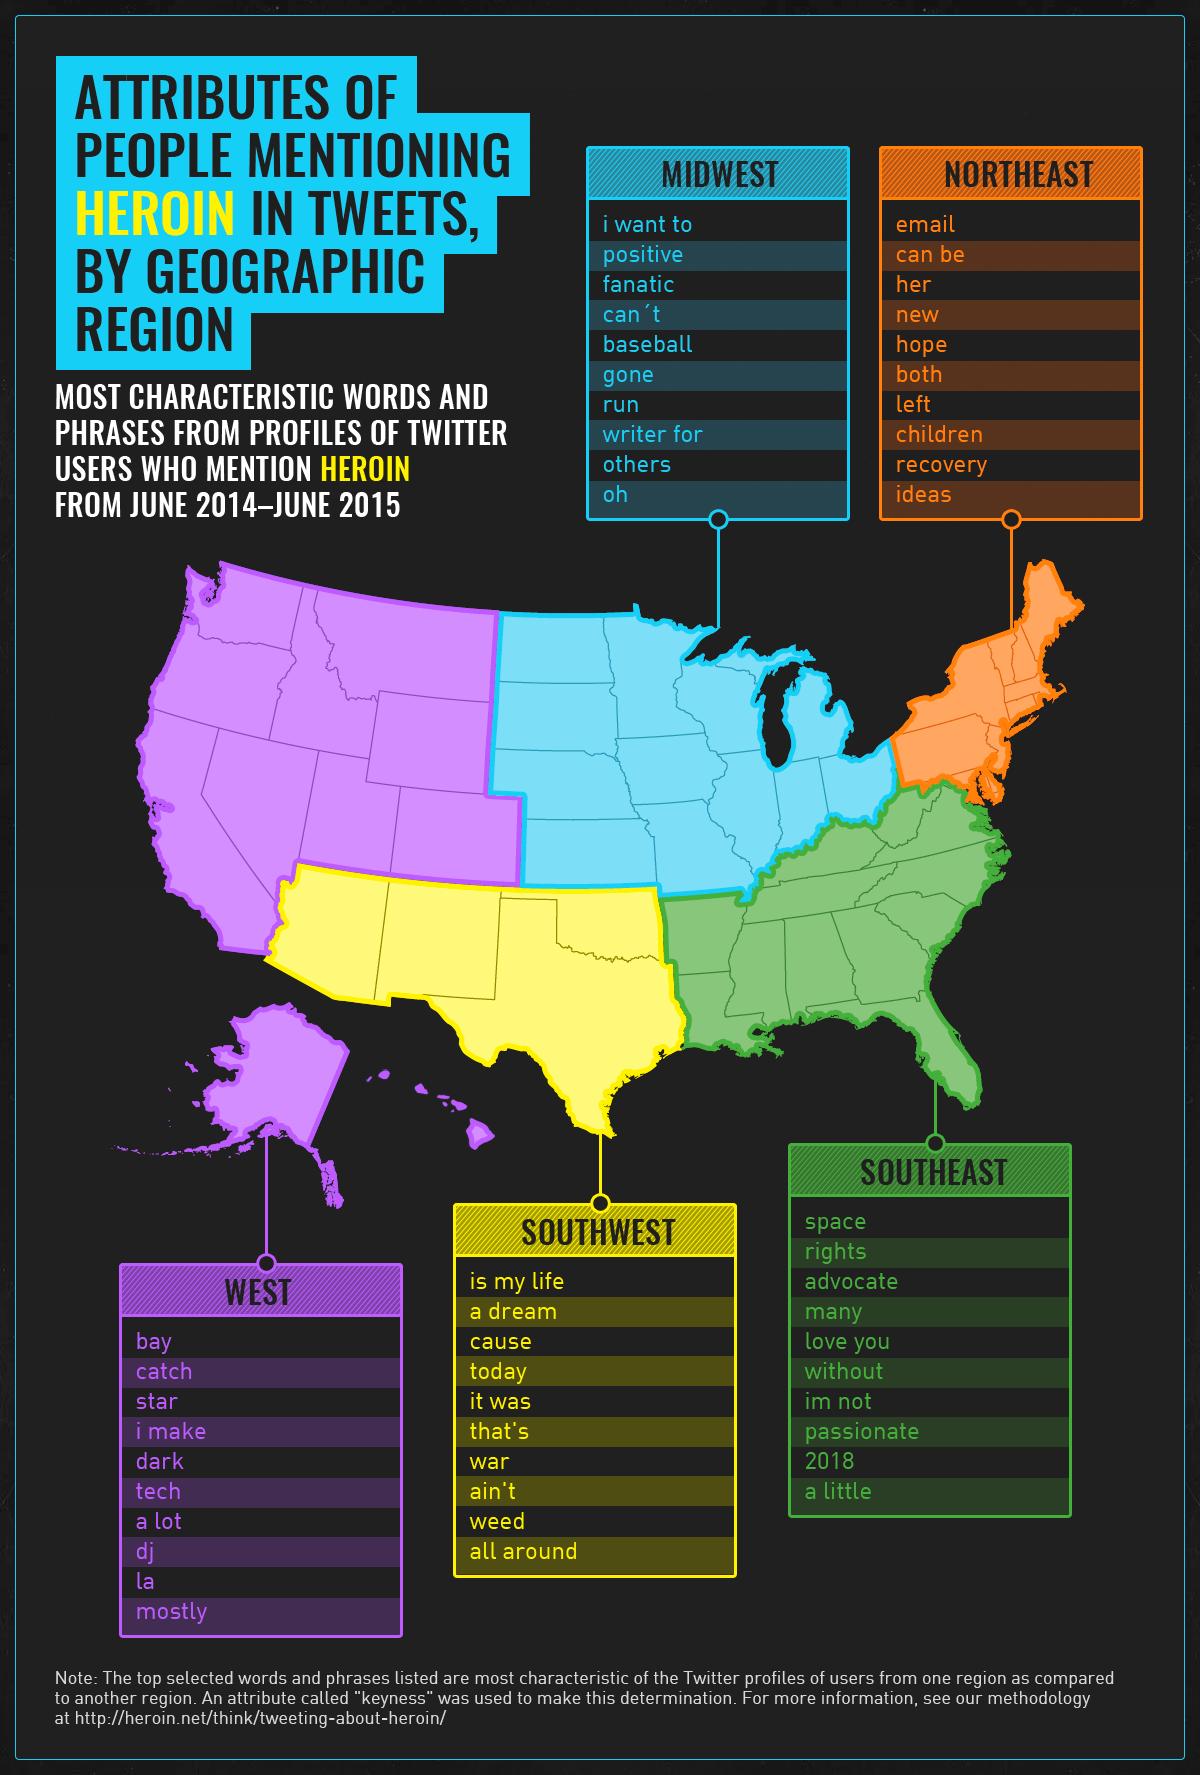 heroin tweeters by region